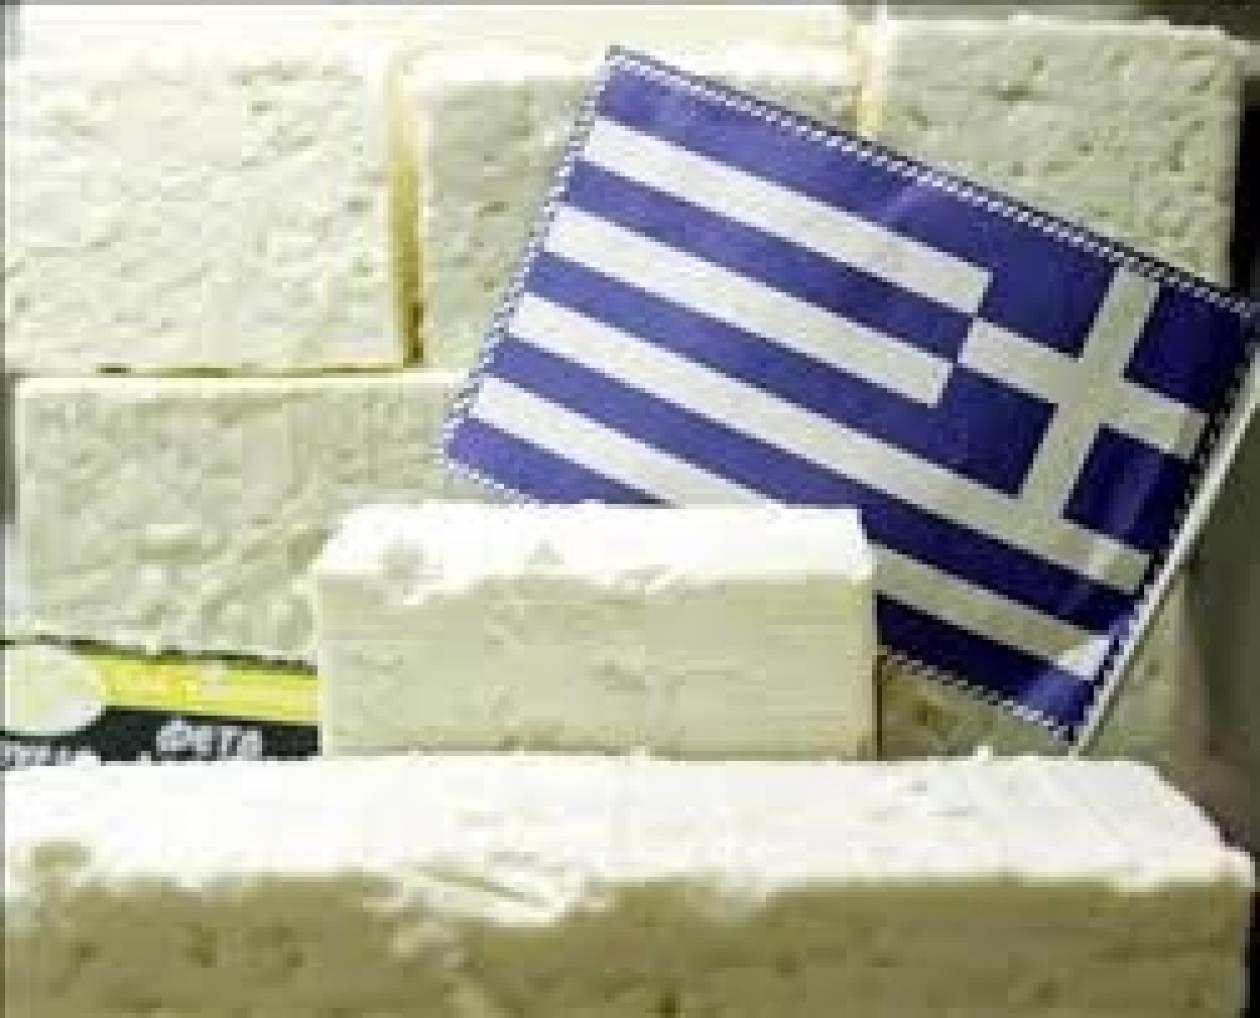 ΚΕΕΕ: Τα ελληνικά προϊόντα κινδυνεύουν να χάσουν την ονομασία ΠΟΠ